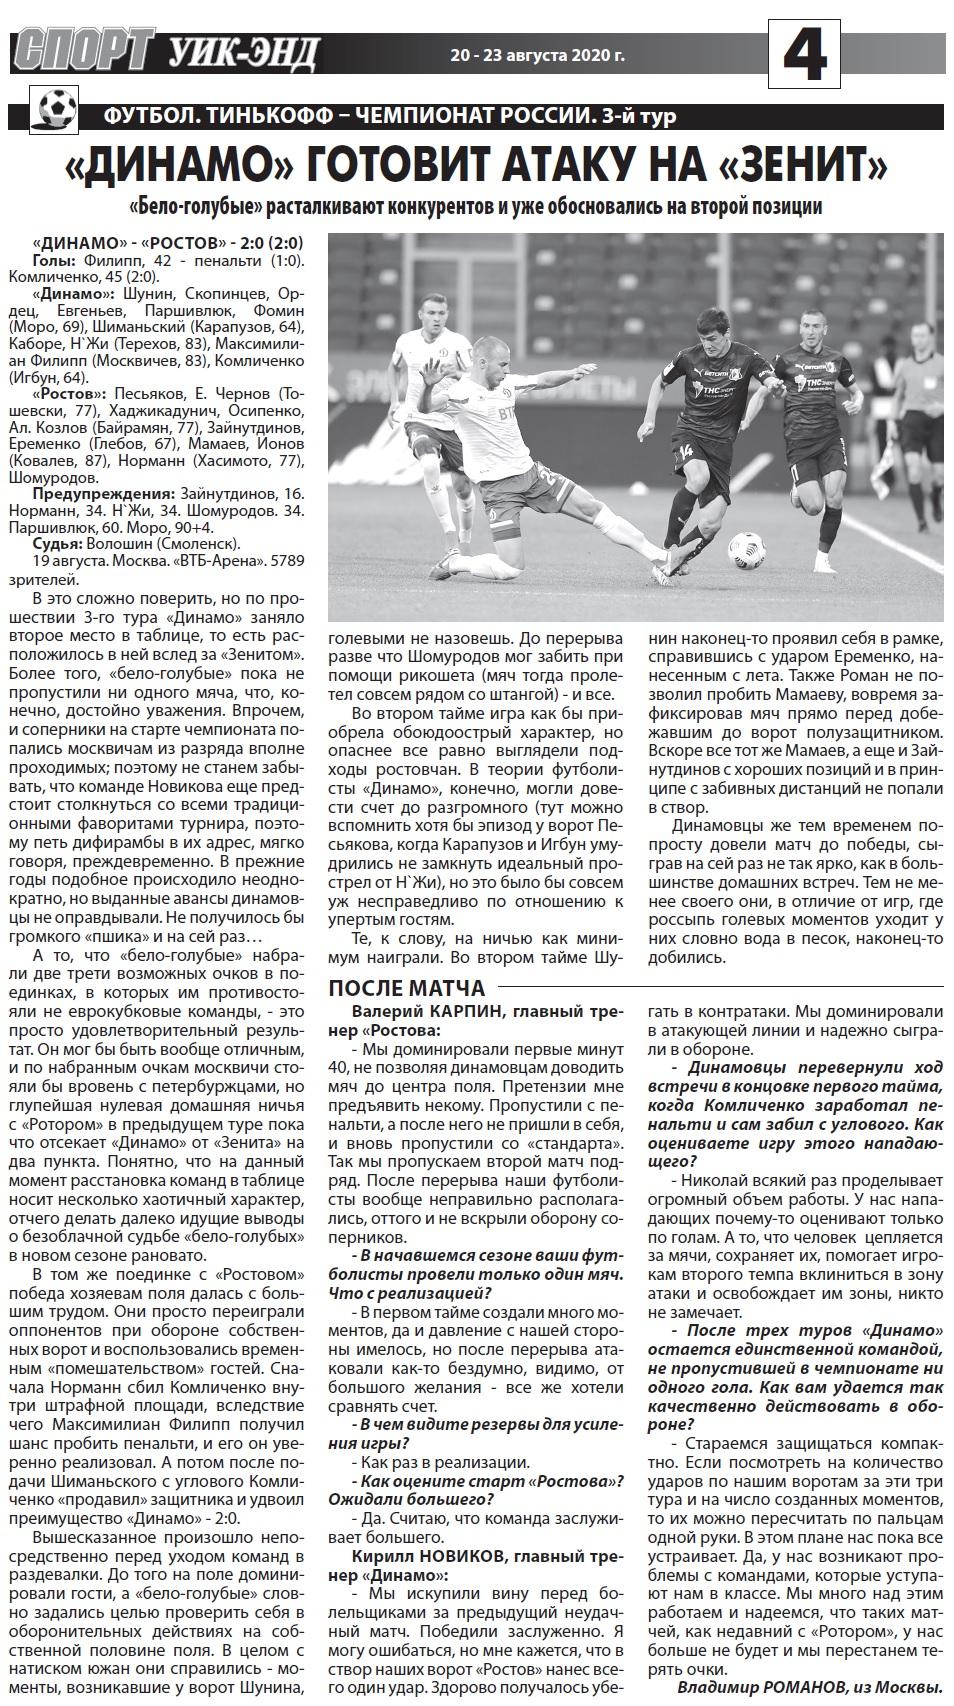 Динамо (Москва) - Ростов (Ростов-на-Дону) 2:0. Нажмите, чтобы посмотреть истинный размер рисунка